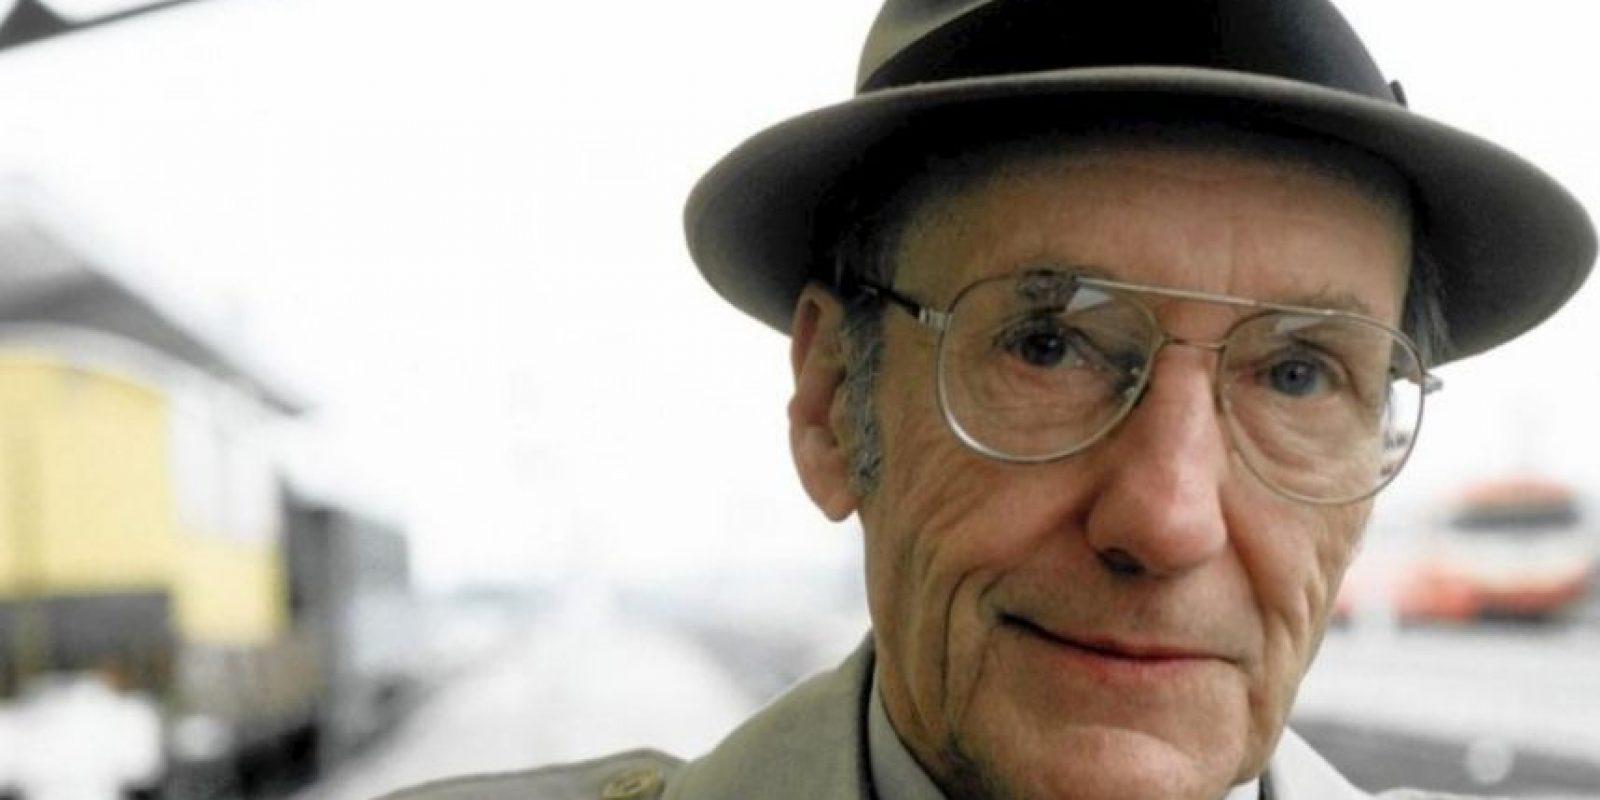 """La esposa del escritor William Burroughs, Joan Vollmer, murió a causa de una hemorragia cerebral ya que jugaba con él a """"Guillermo Tell"""". Fue con una pistola. Él fue condenado por homicidio involuntario Foto:Getty Images"""